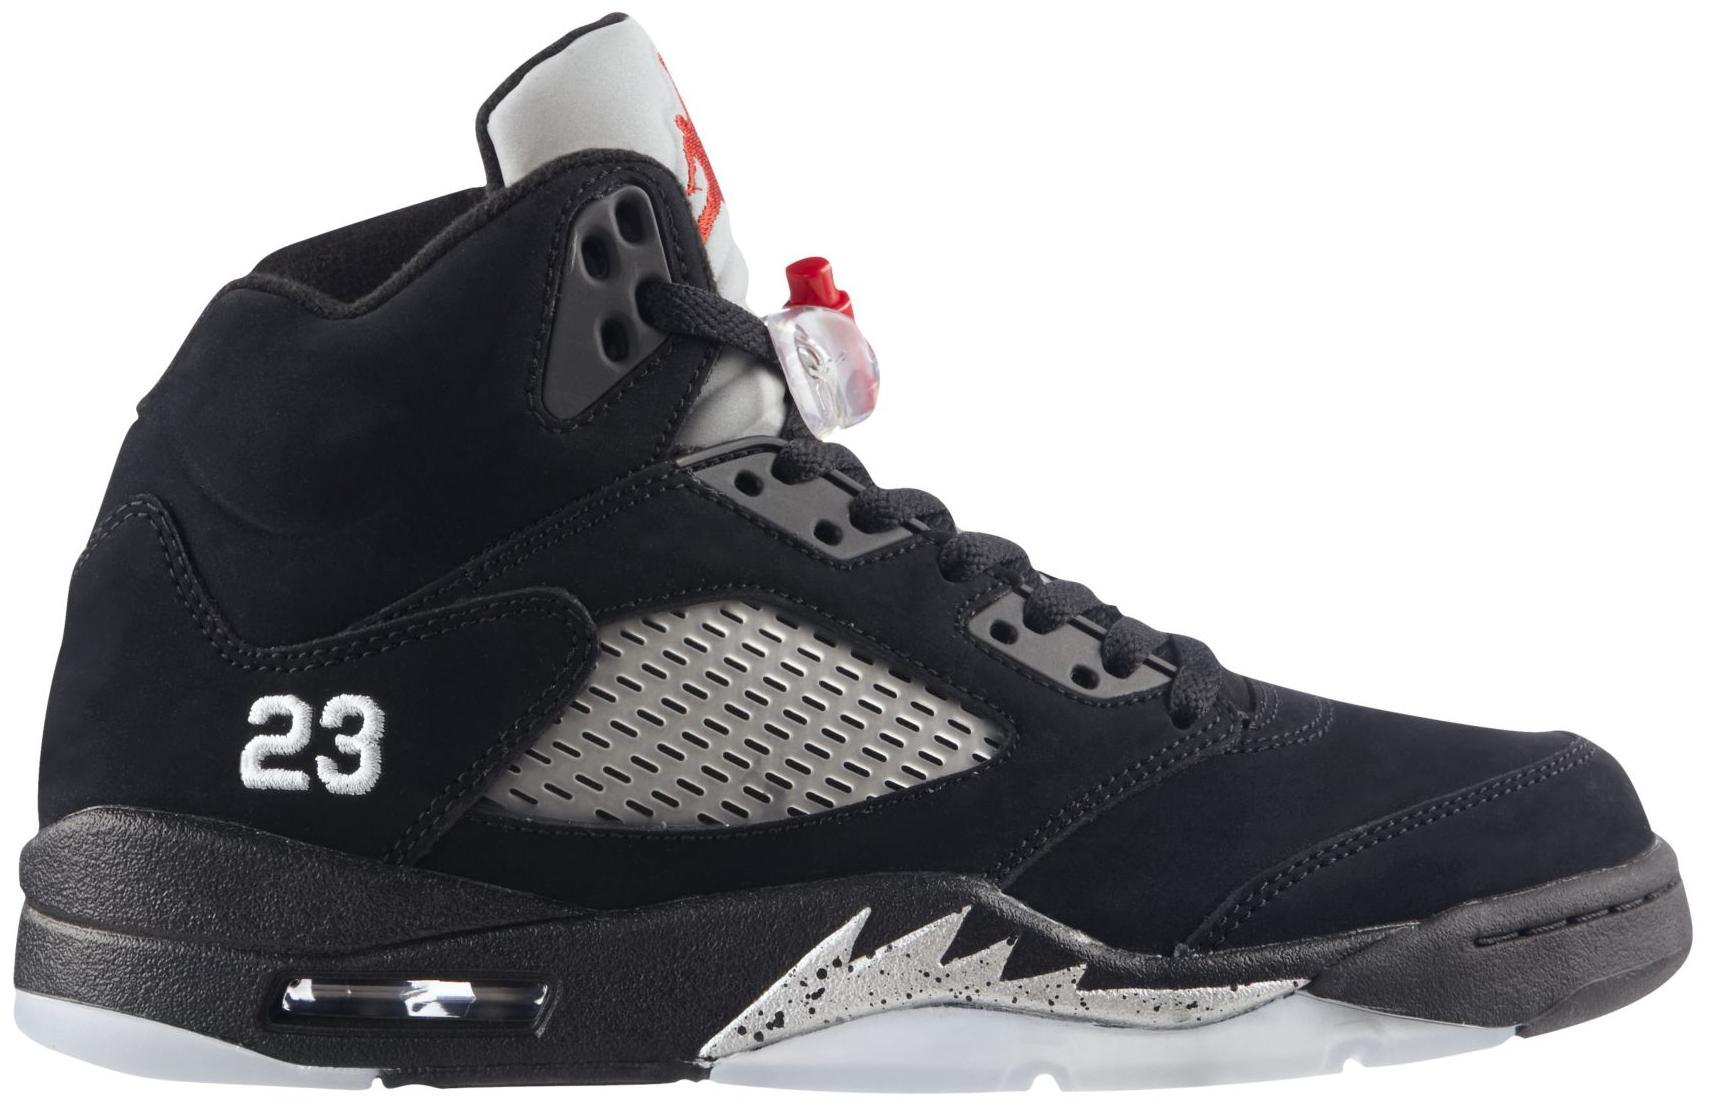 Jordan 5 Retro Black Metallic (2011)